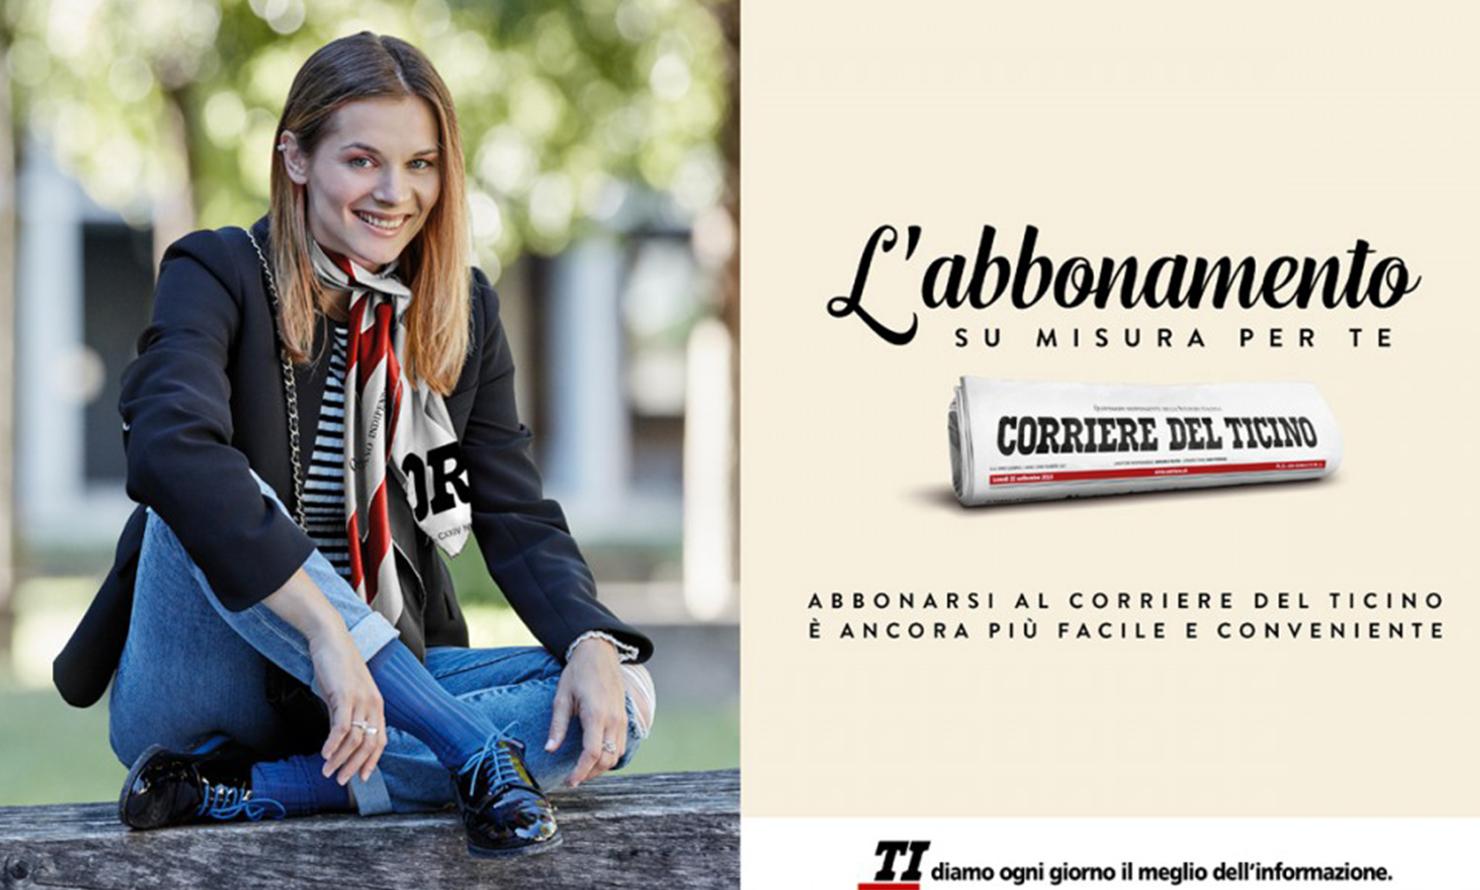 https://www.kubelibre.com/uploads/Slider-work-tutti-clienti/corriere-del-ticino-l-abbonamento-su-misura-per-te-3.jpg